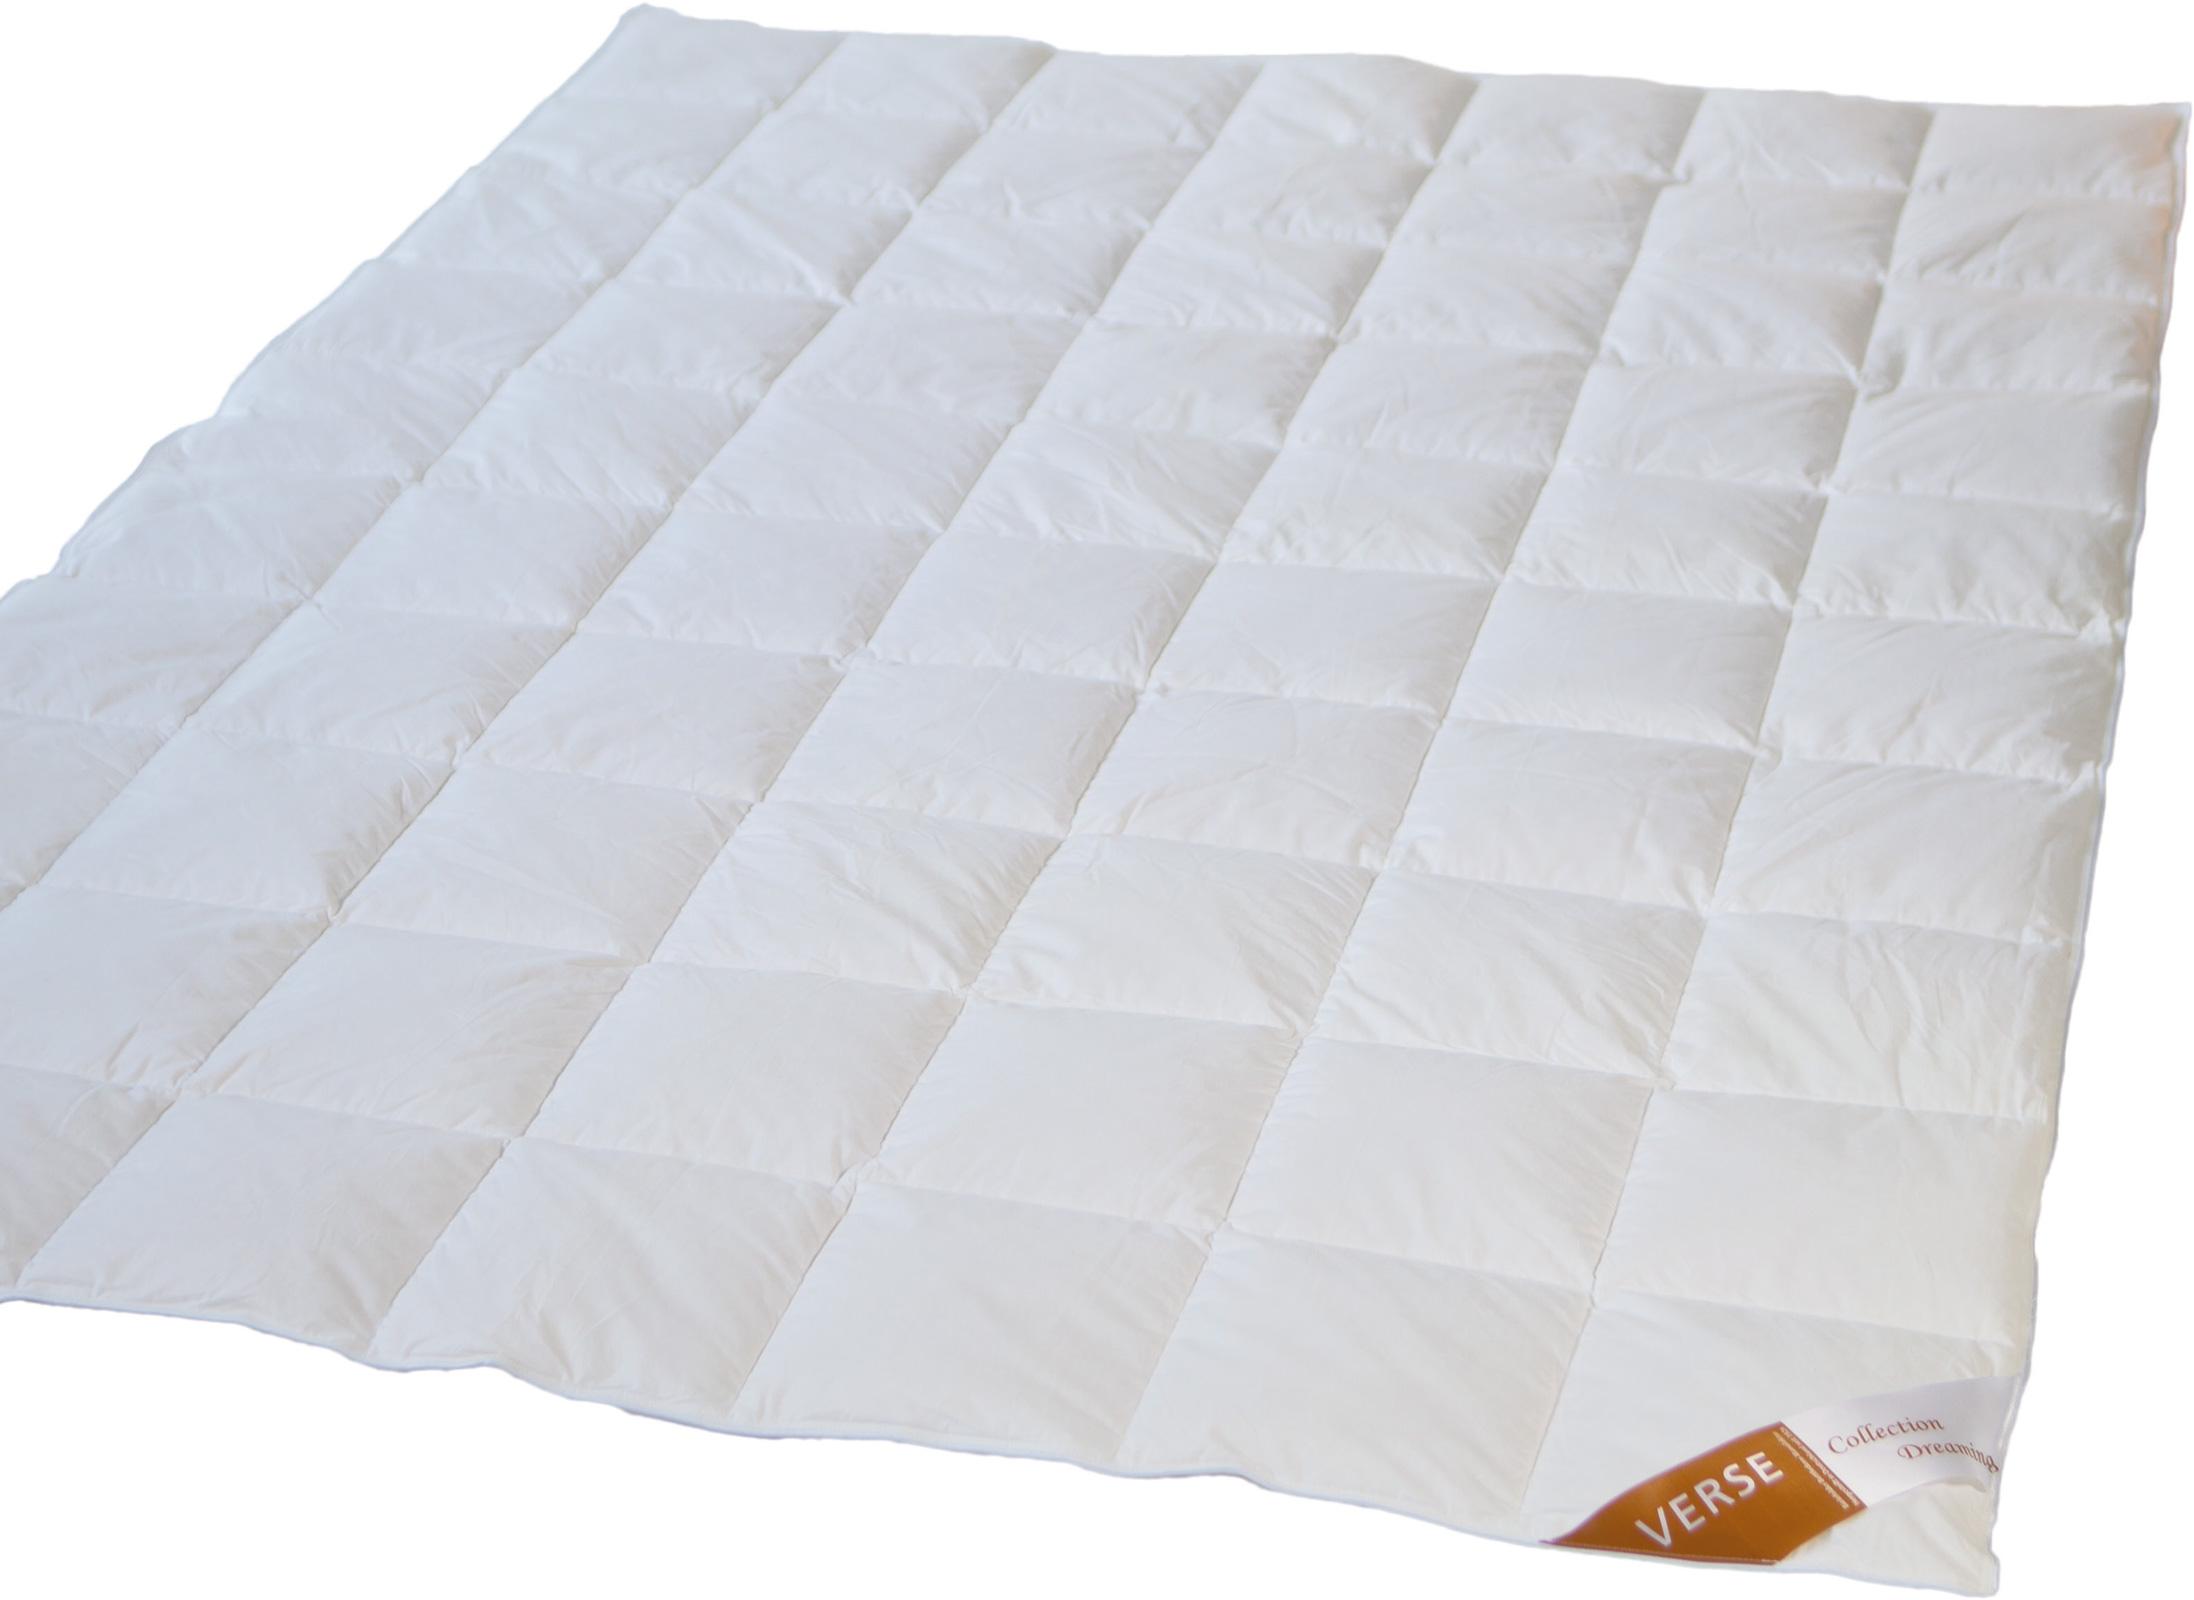 Bettdecken und Kopfkissen - Sommerdecke Daunen Bettdecke Verse Collection Dreaming 200x220 90 Daune 10 Feder  - Onlineshop PremiumShop321